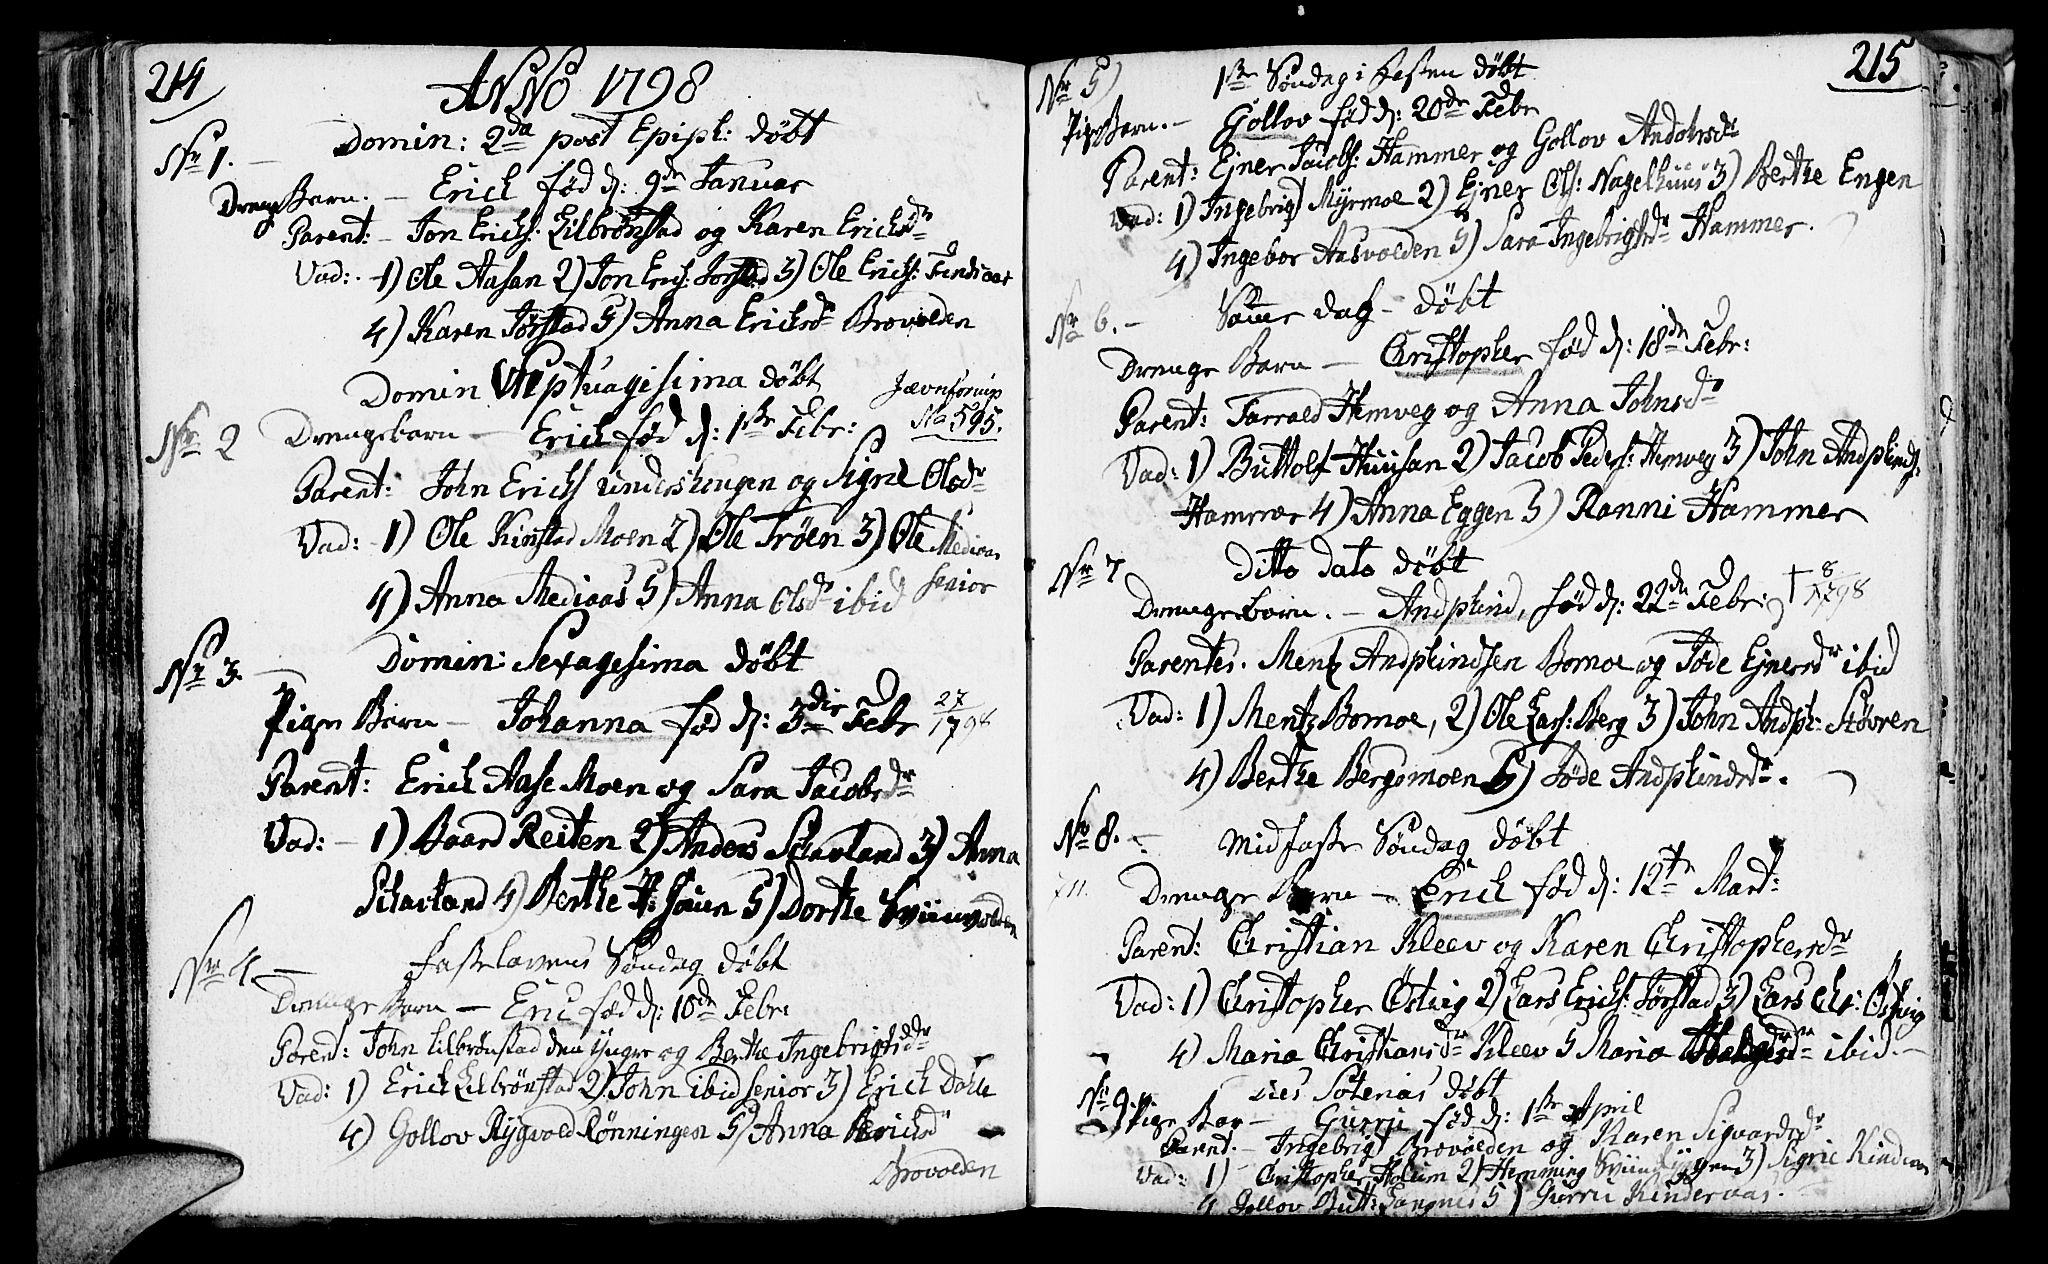 SAT, Ministerialprotokoller, klokkerbøker og fødselsregistre - Nord-Trøndelag, 749/L0468: Ministerialbok nr. 749A02, 1787-1817, s. 214-215